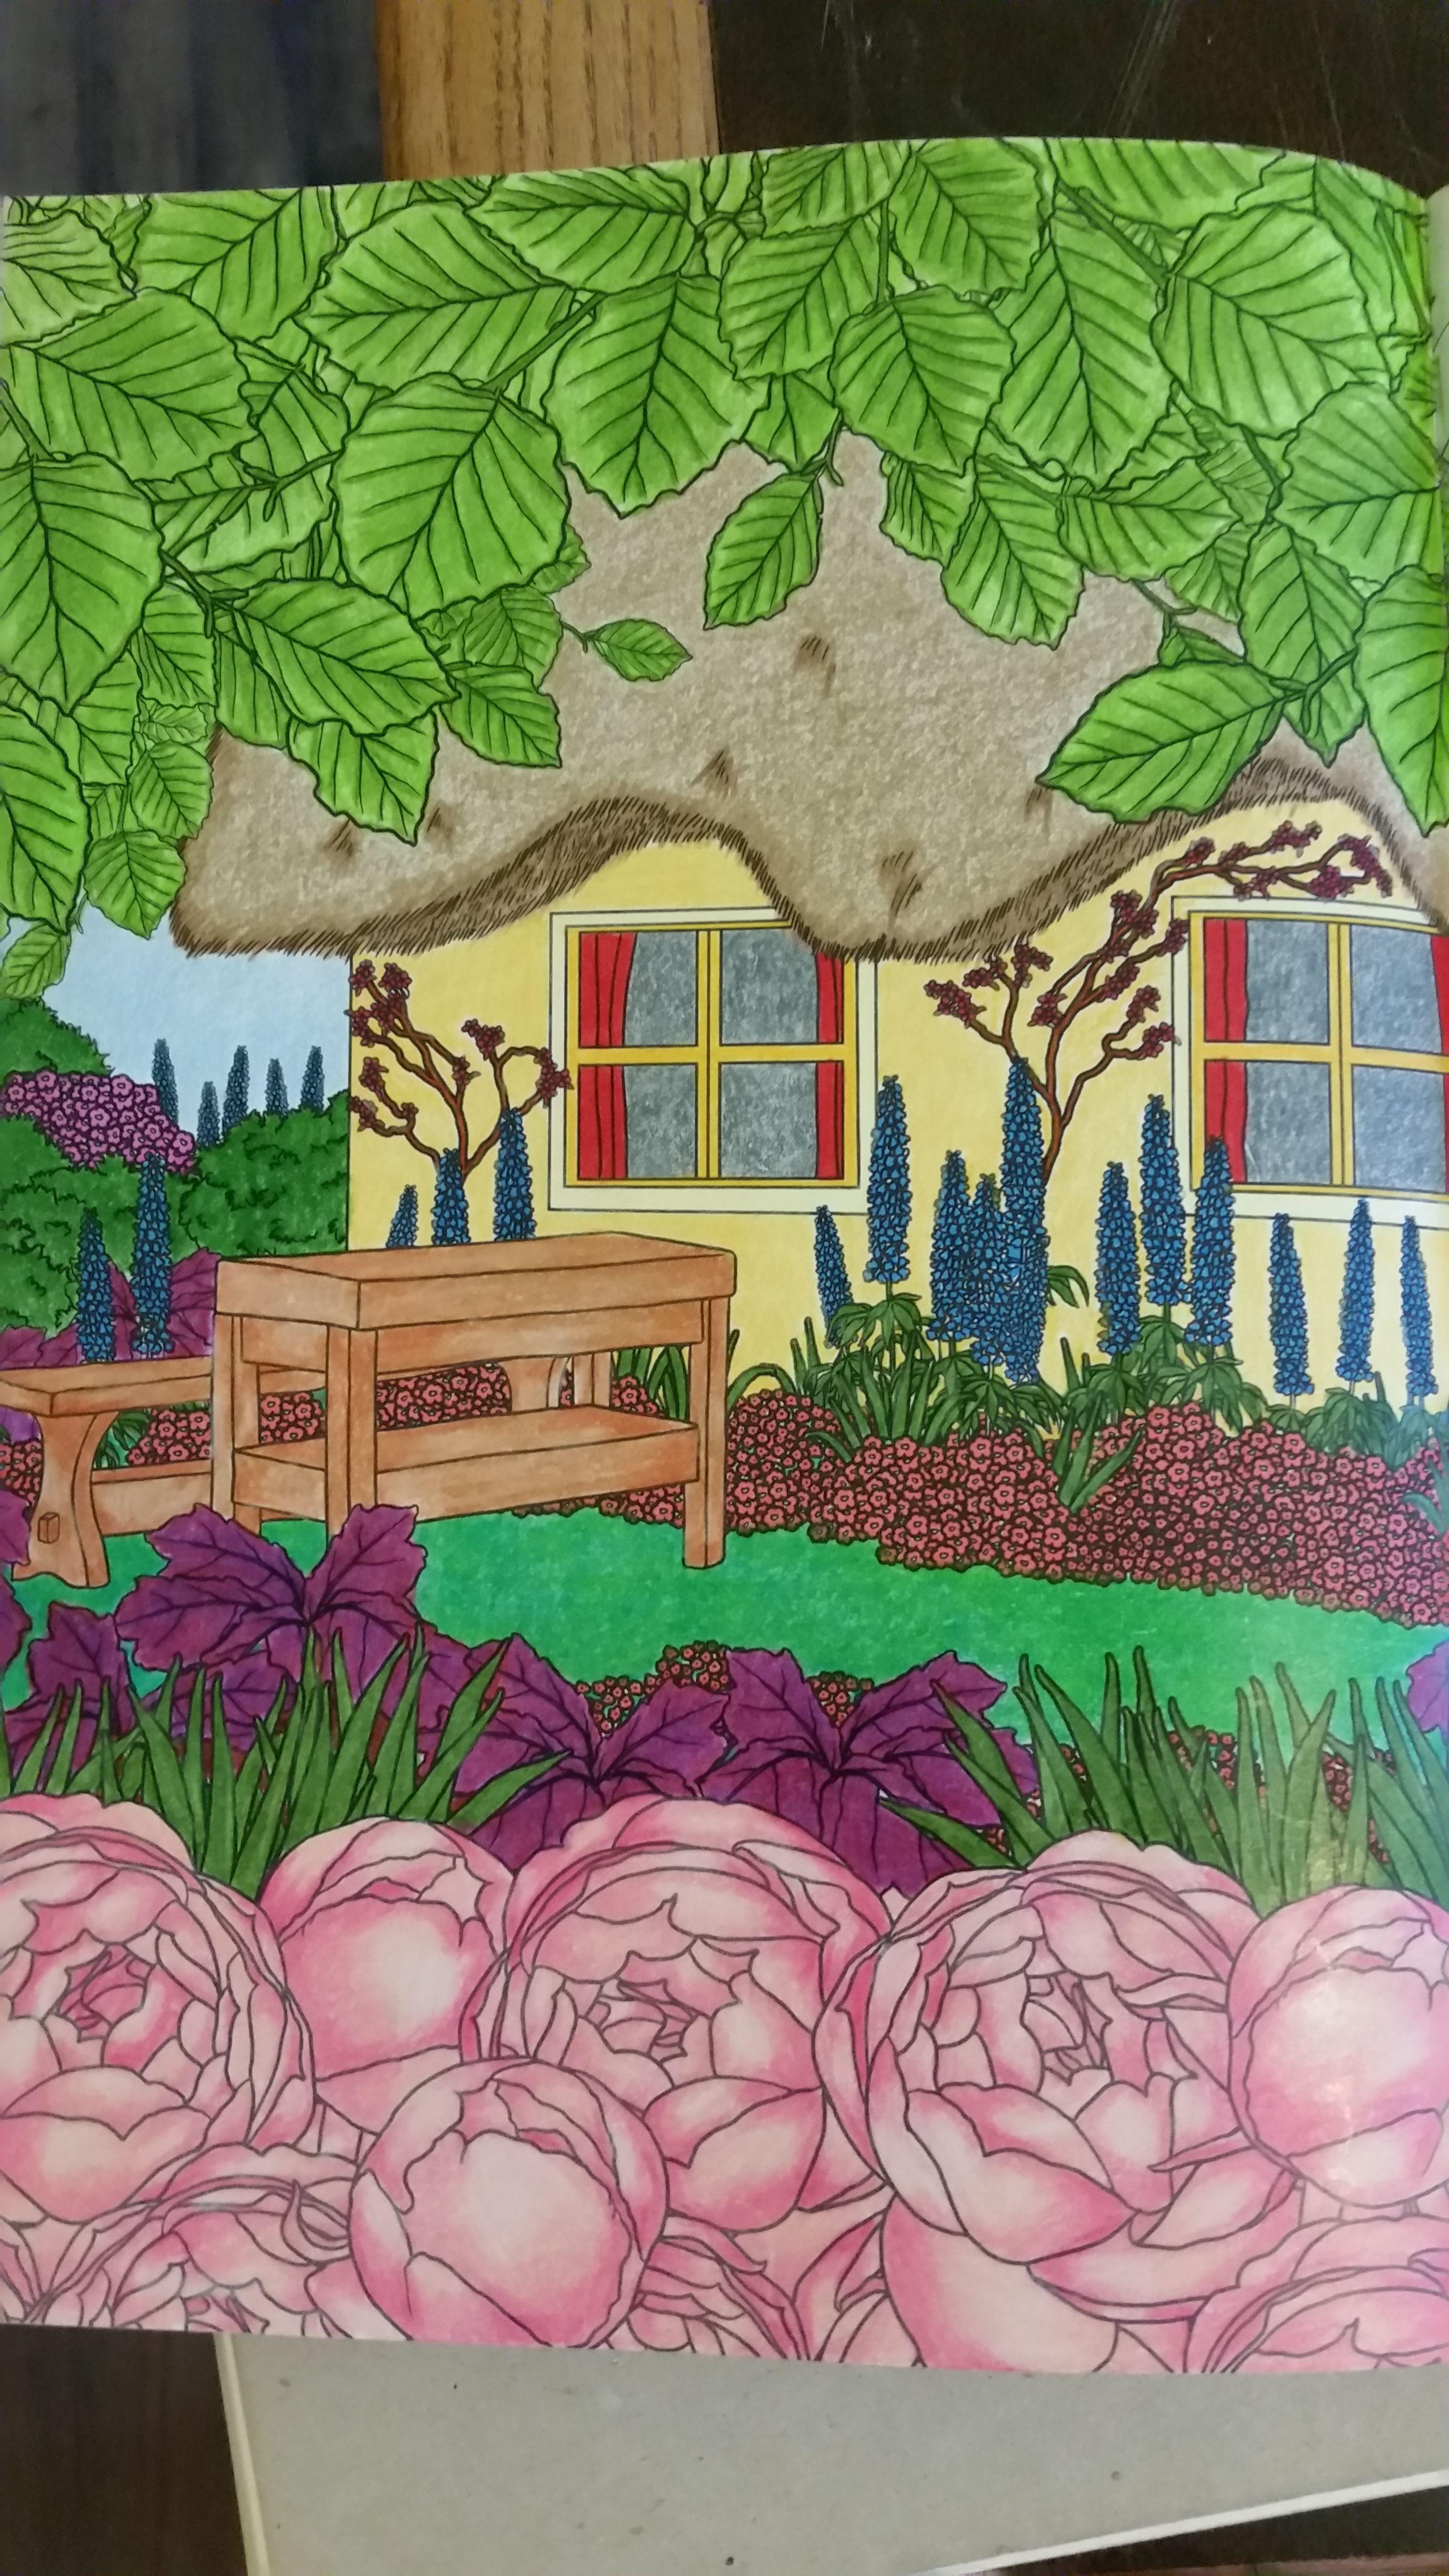 du livre printemps 100 coloriages anti stress de hachette art thrapie arttherapy - Coloriage Anti Stress Hachette